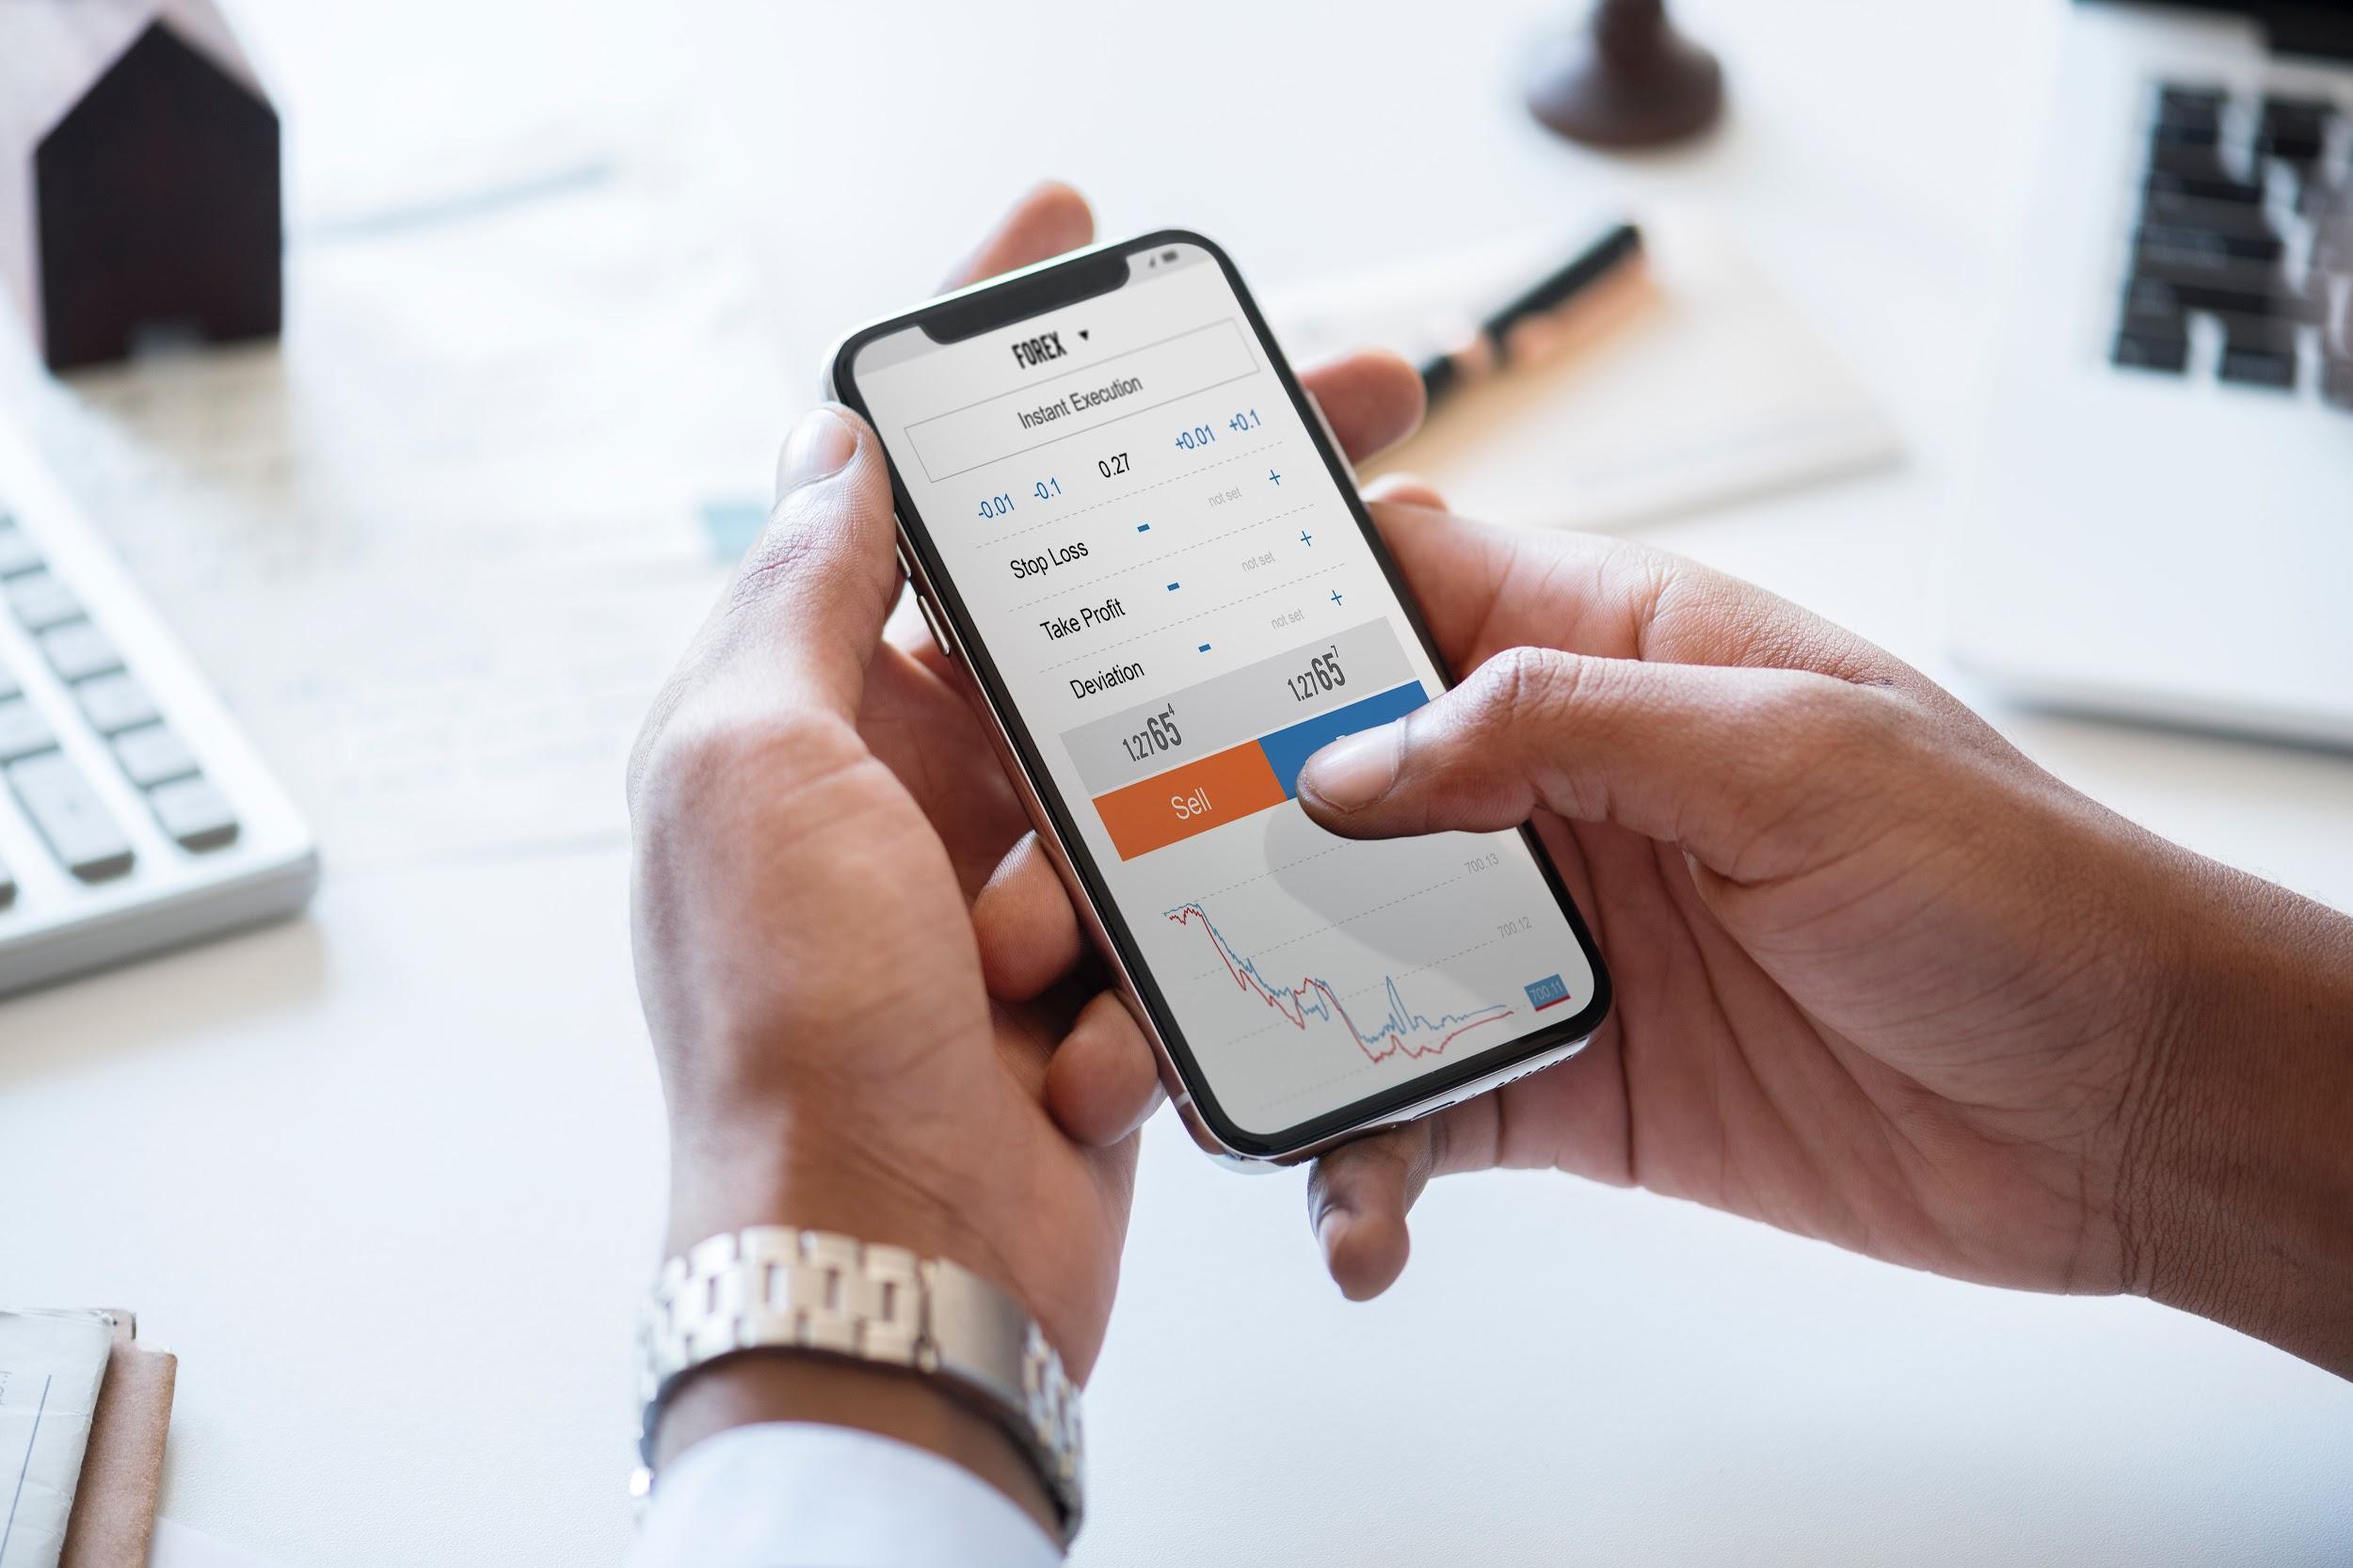 iOS Mobile App Development Tools